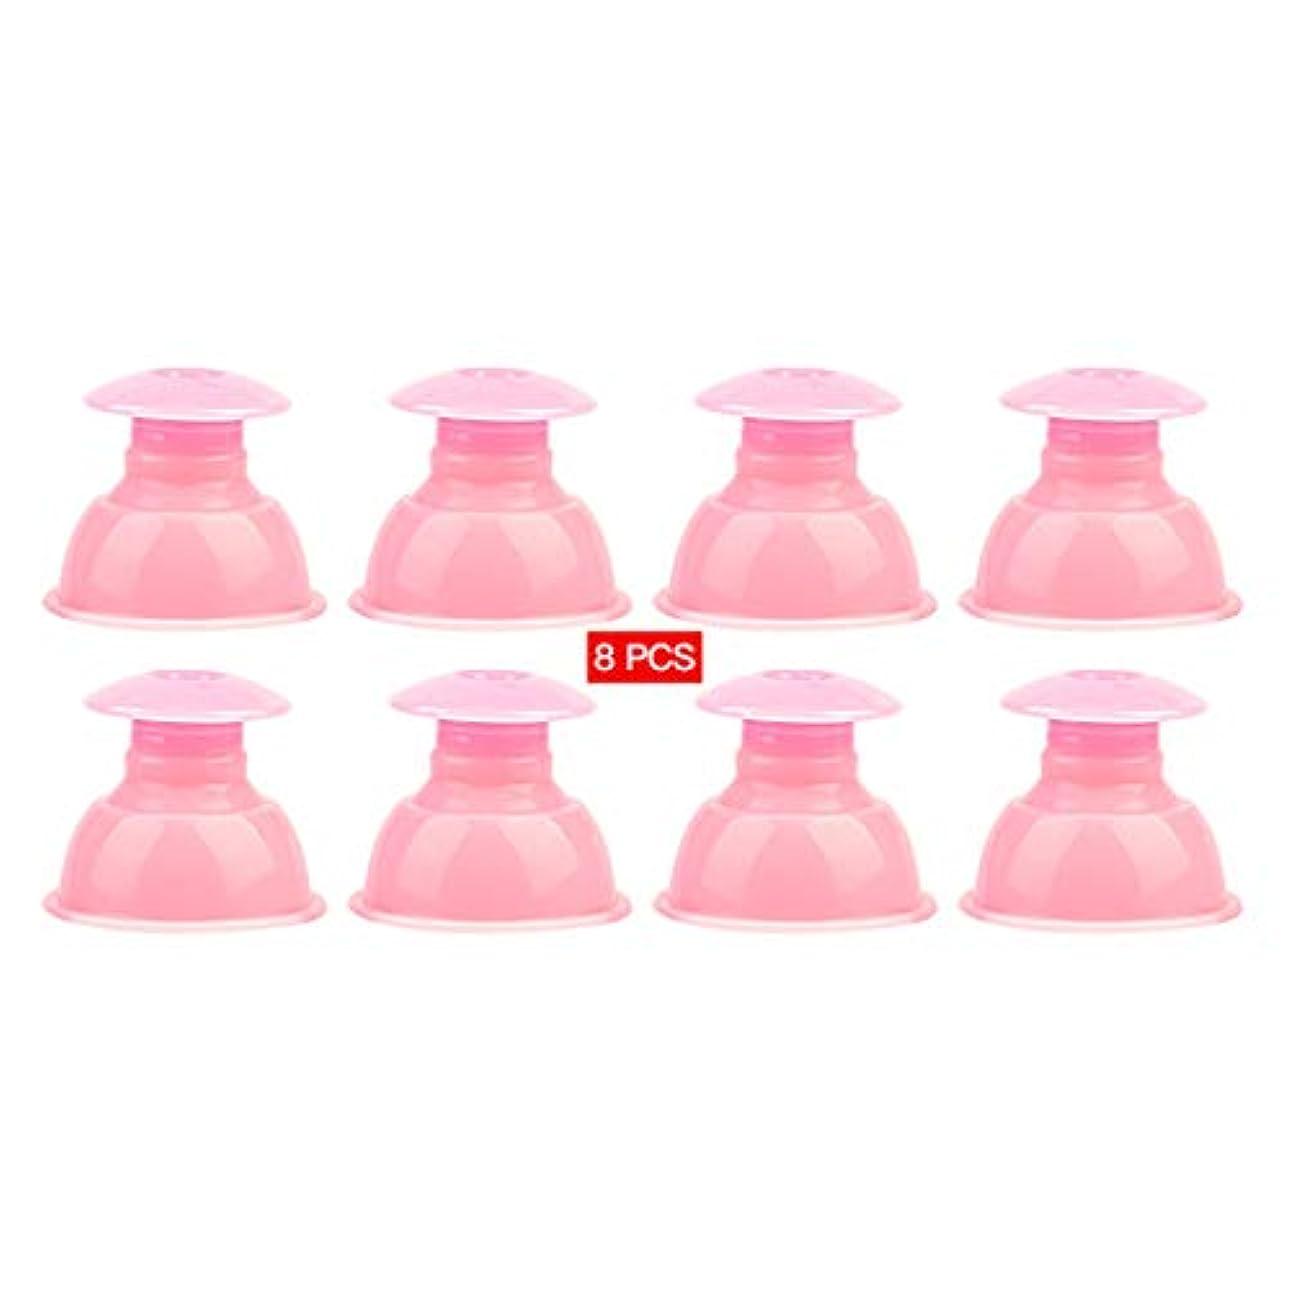 非難信じるパイプ吸い玉 カッピング シリコン製 水洗いOK 繰り返し使える 55×35×48mm 8個セット ピンク